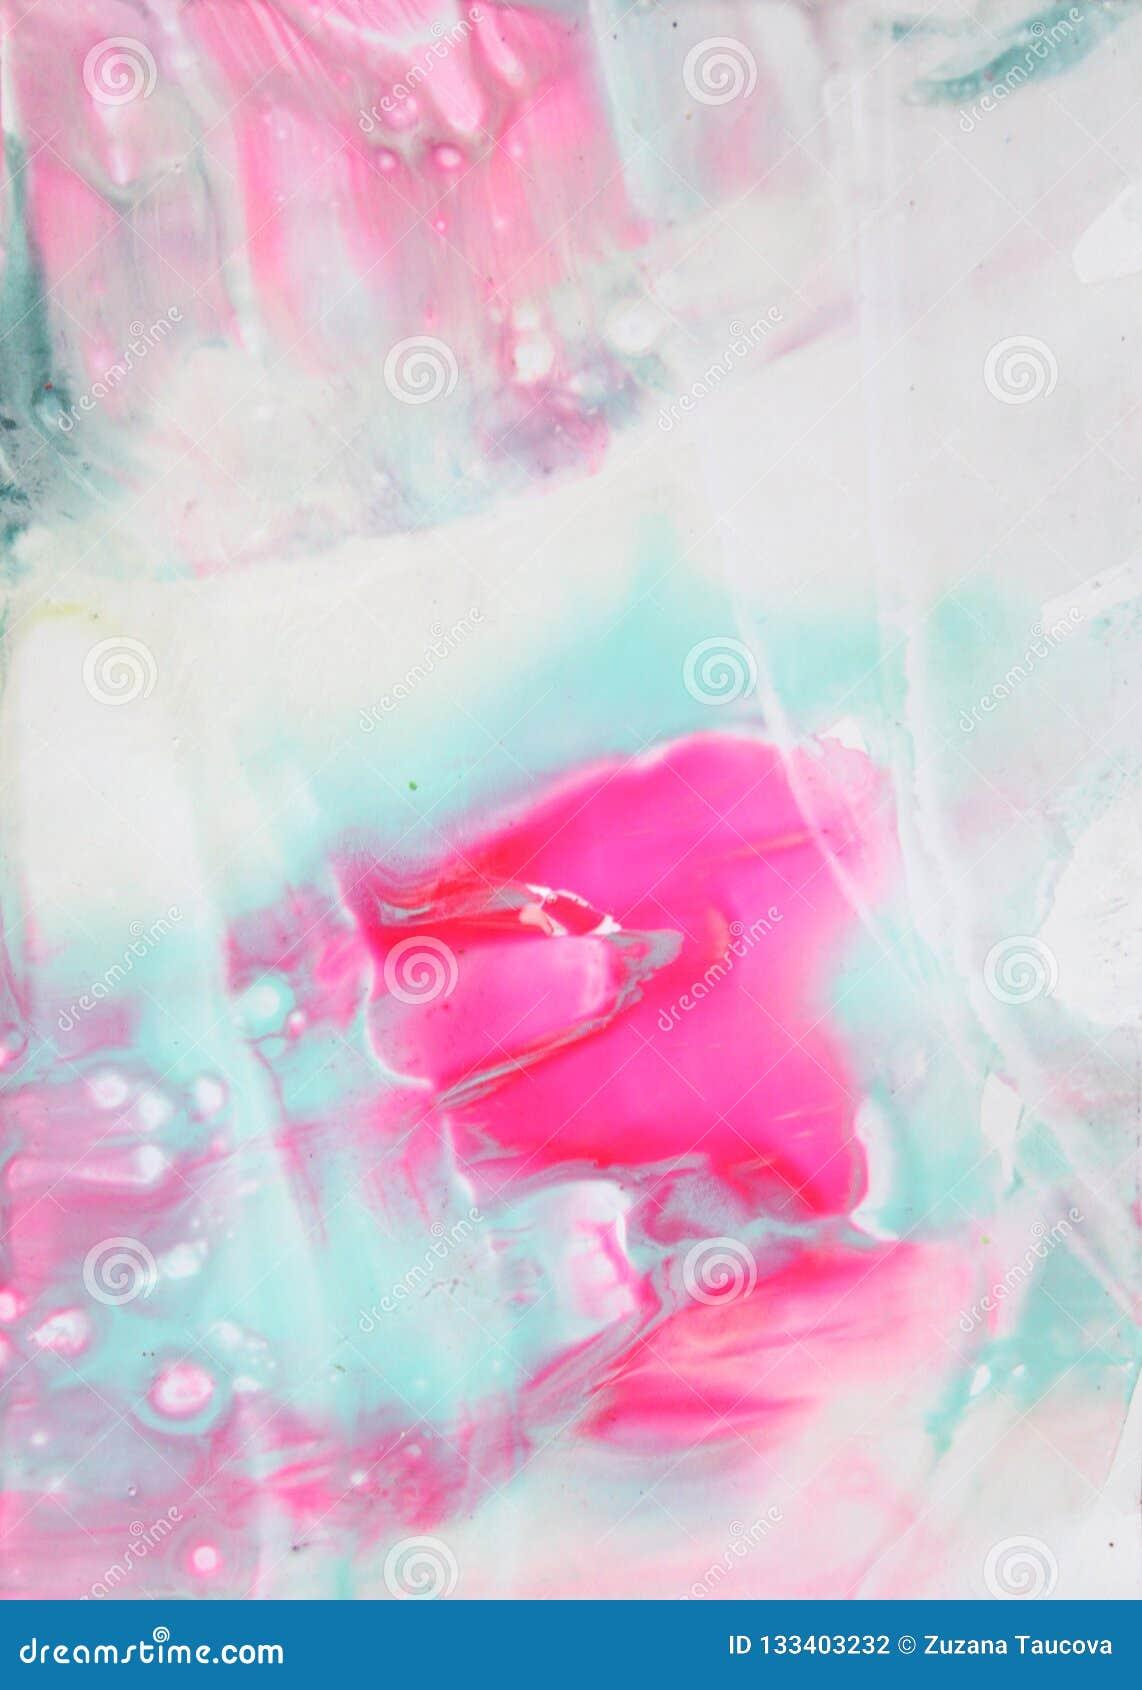 Zusammenfassung unscharfe weißer und Tonlichter des Türkises des Rosas, wachsen encaustic Hintergrund ein